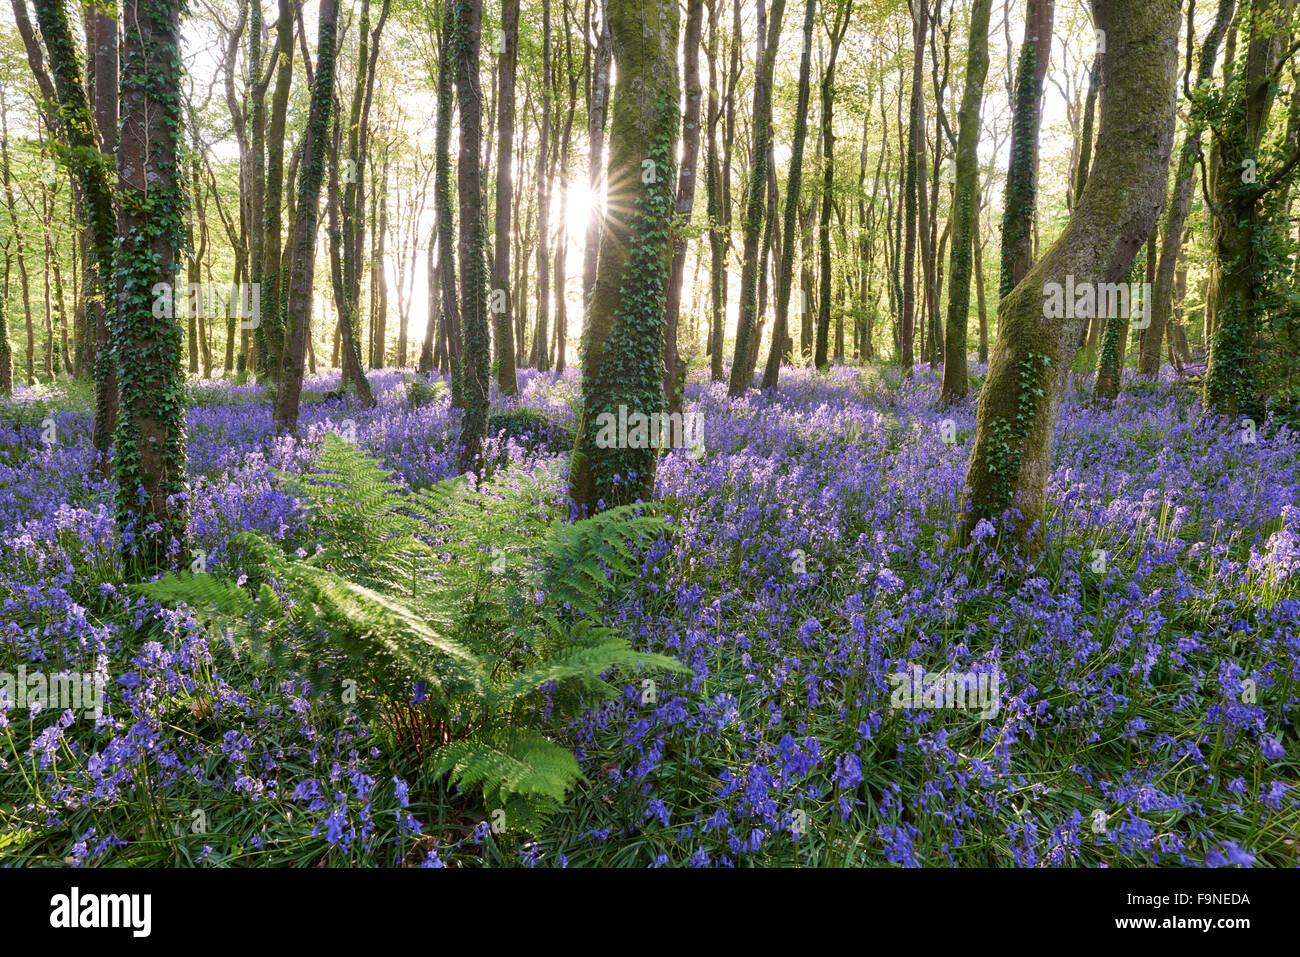 Sonnenlicht scheint zwischen den Bäumen und Leuchten die Glockenblumen auf dem Waldboden. Stockbild